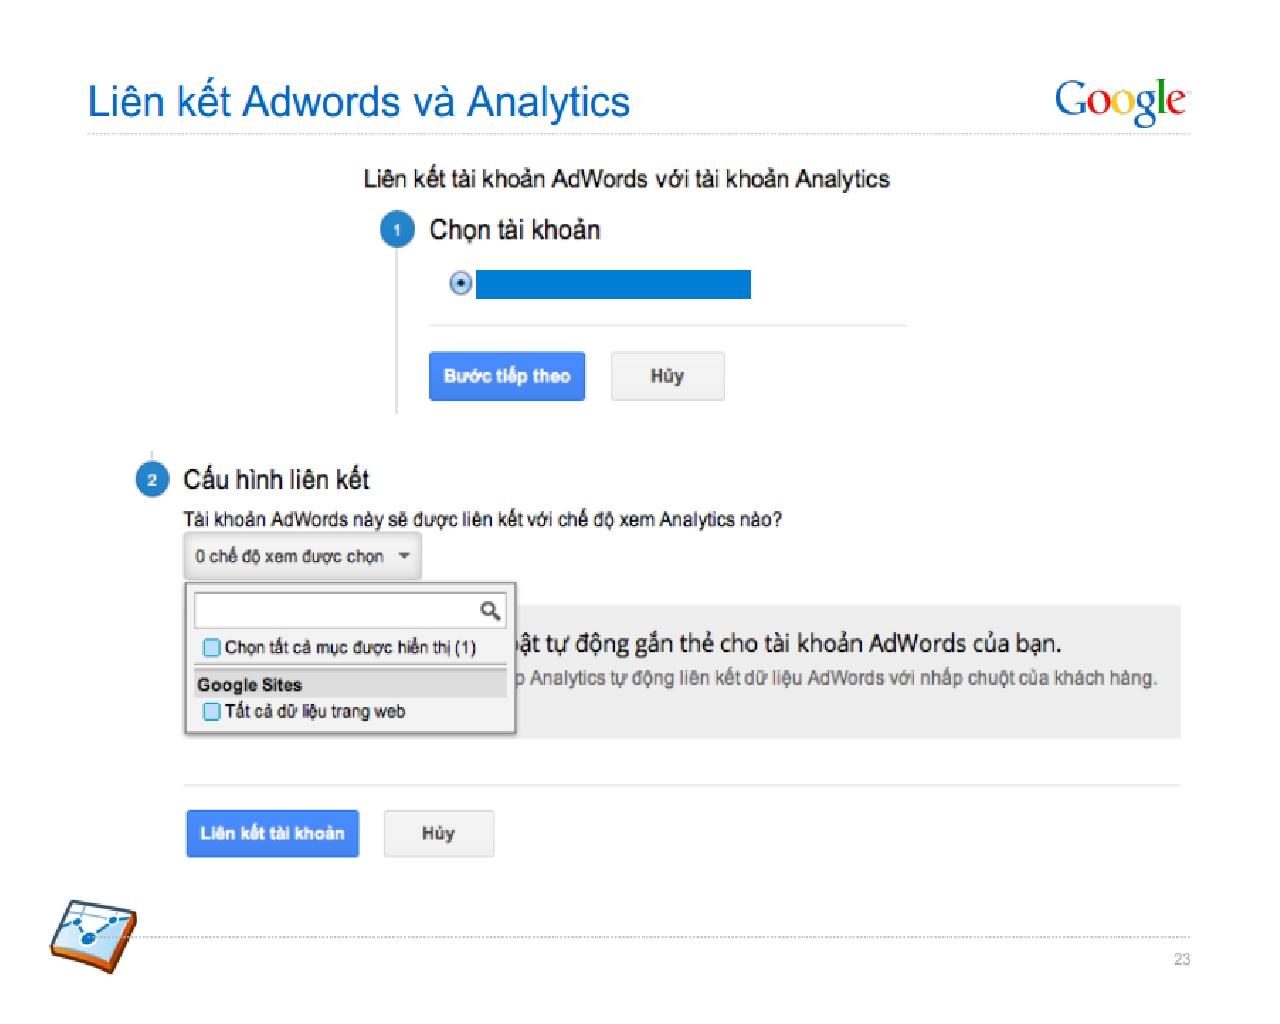 Liệu rằng liên kết Adwords và Analytics có tốt không?